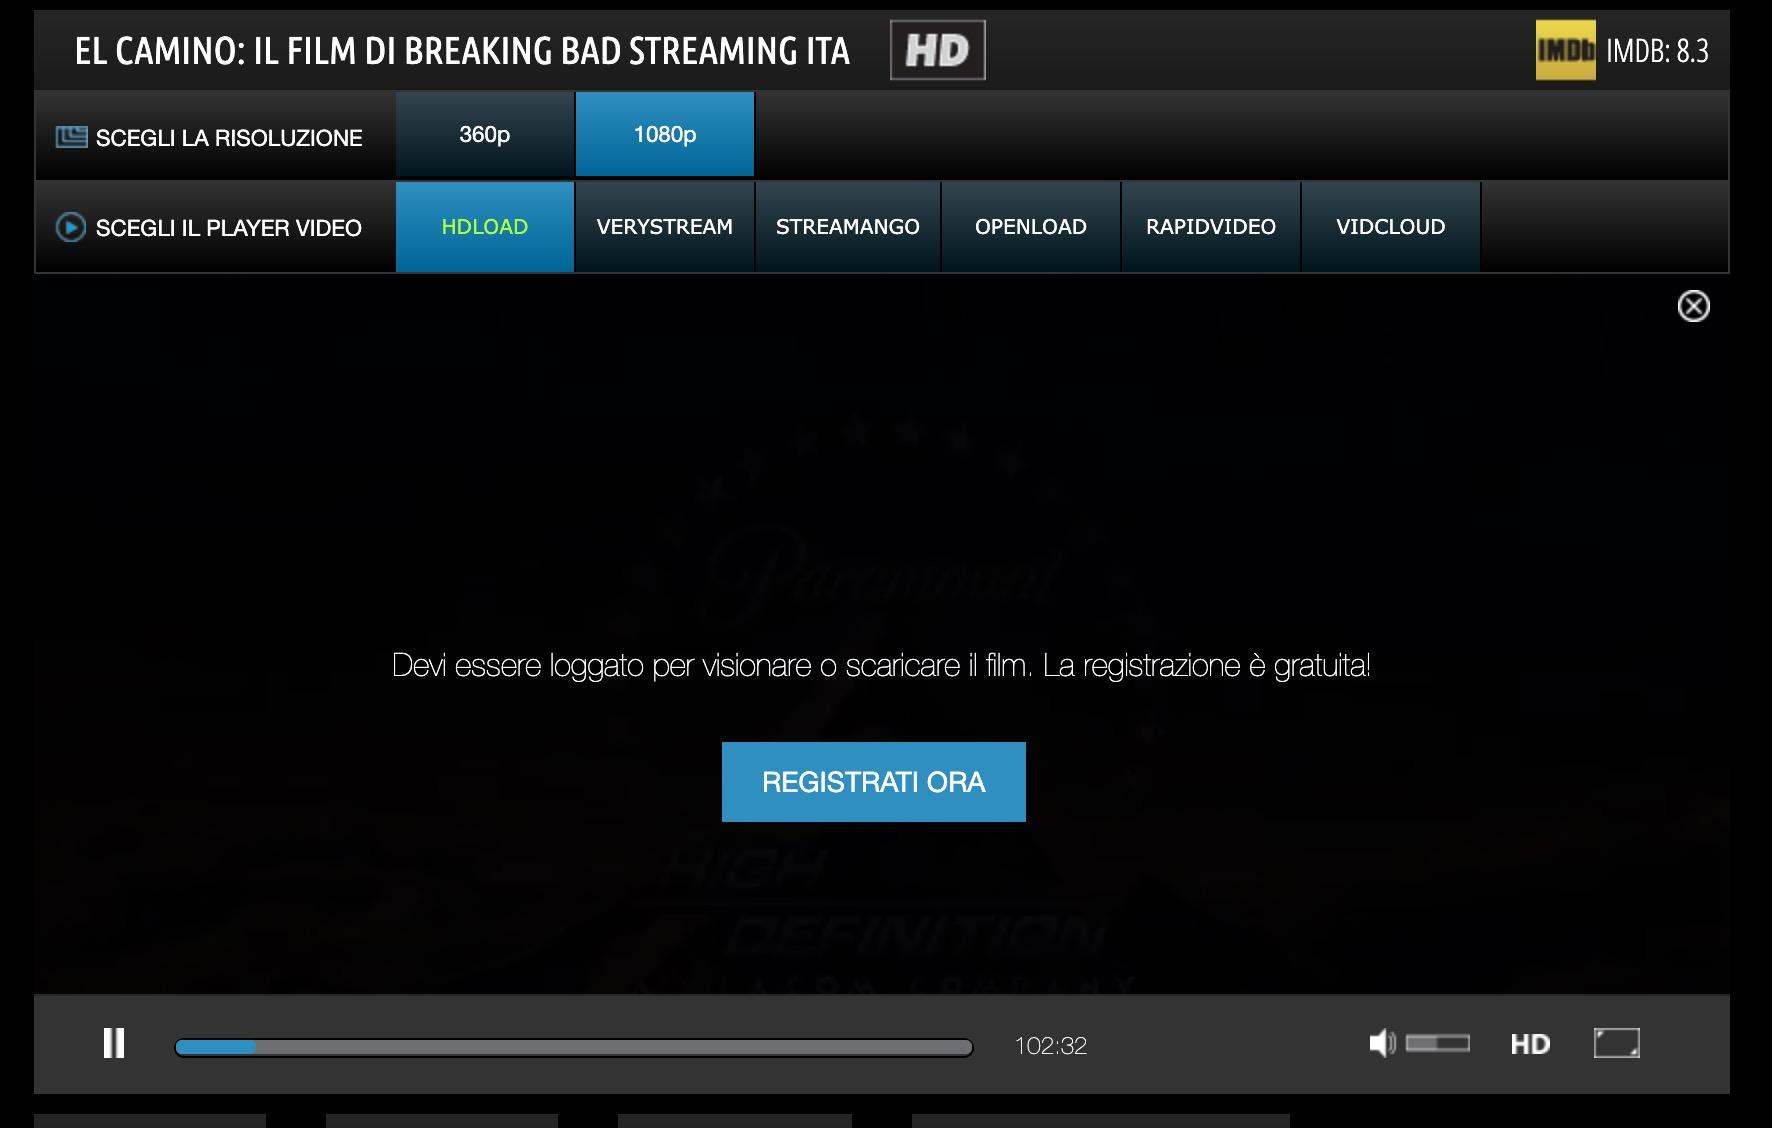 vedere un film in streaming su AltaDefinizione